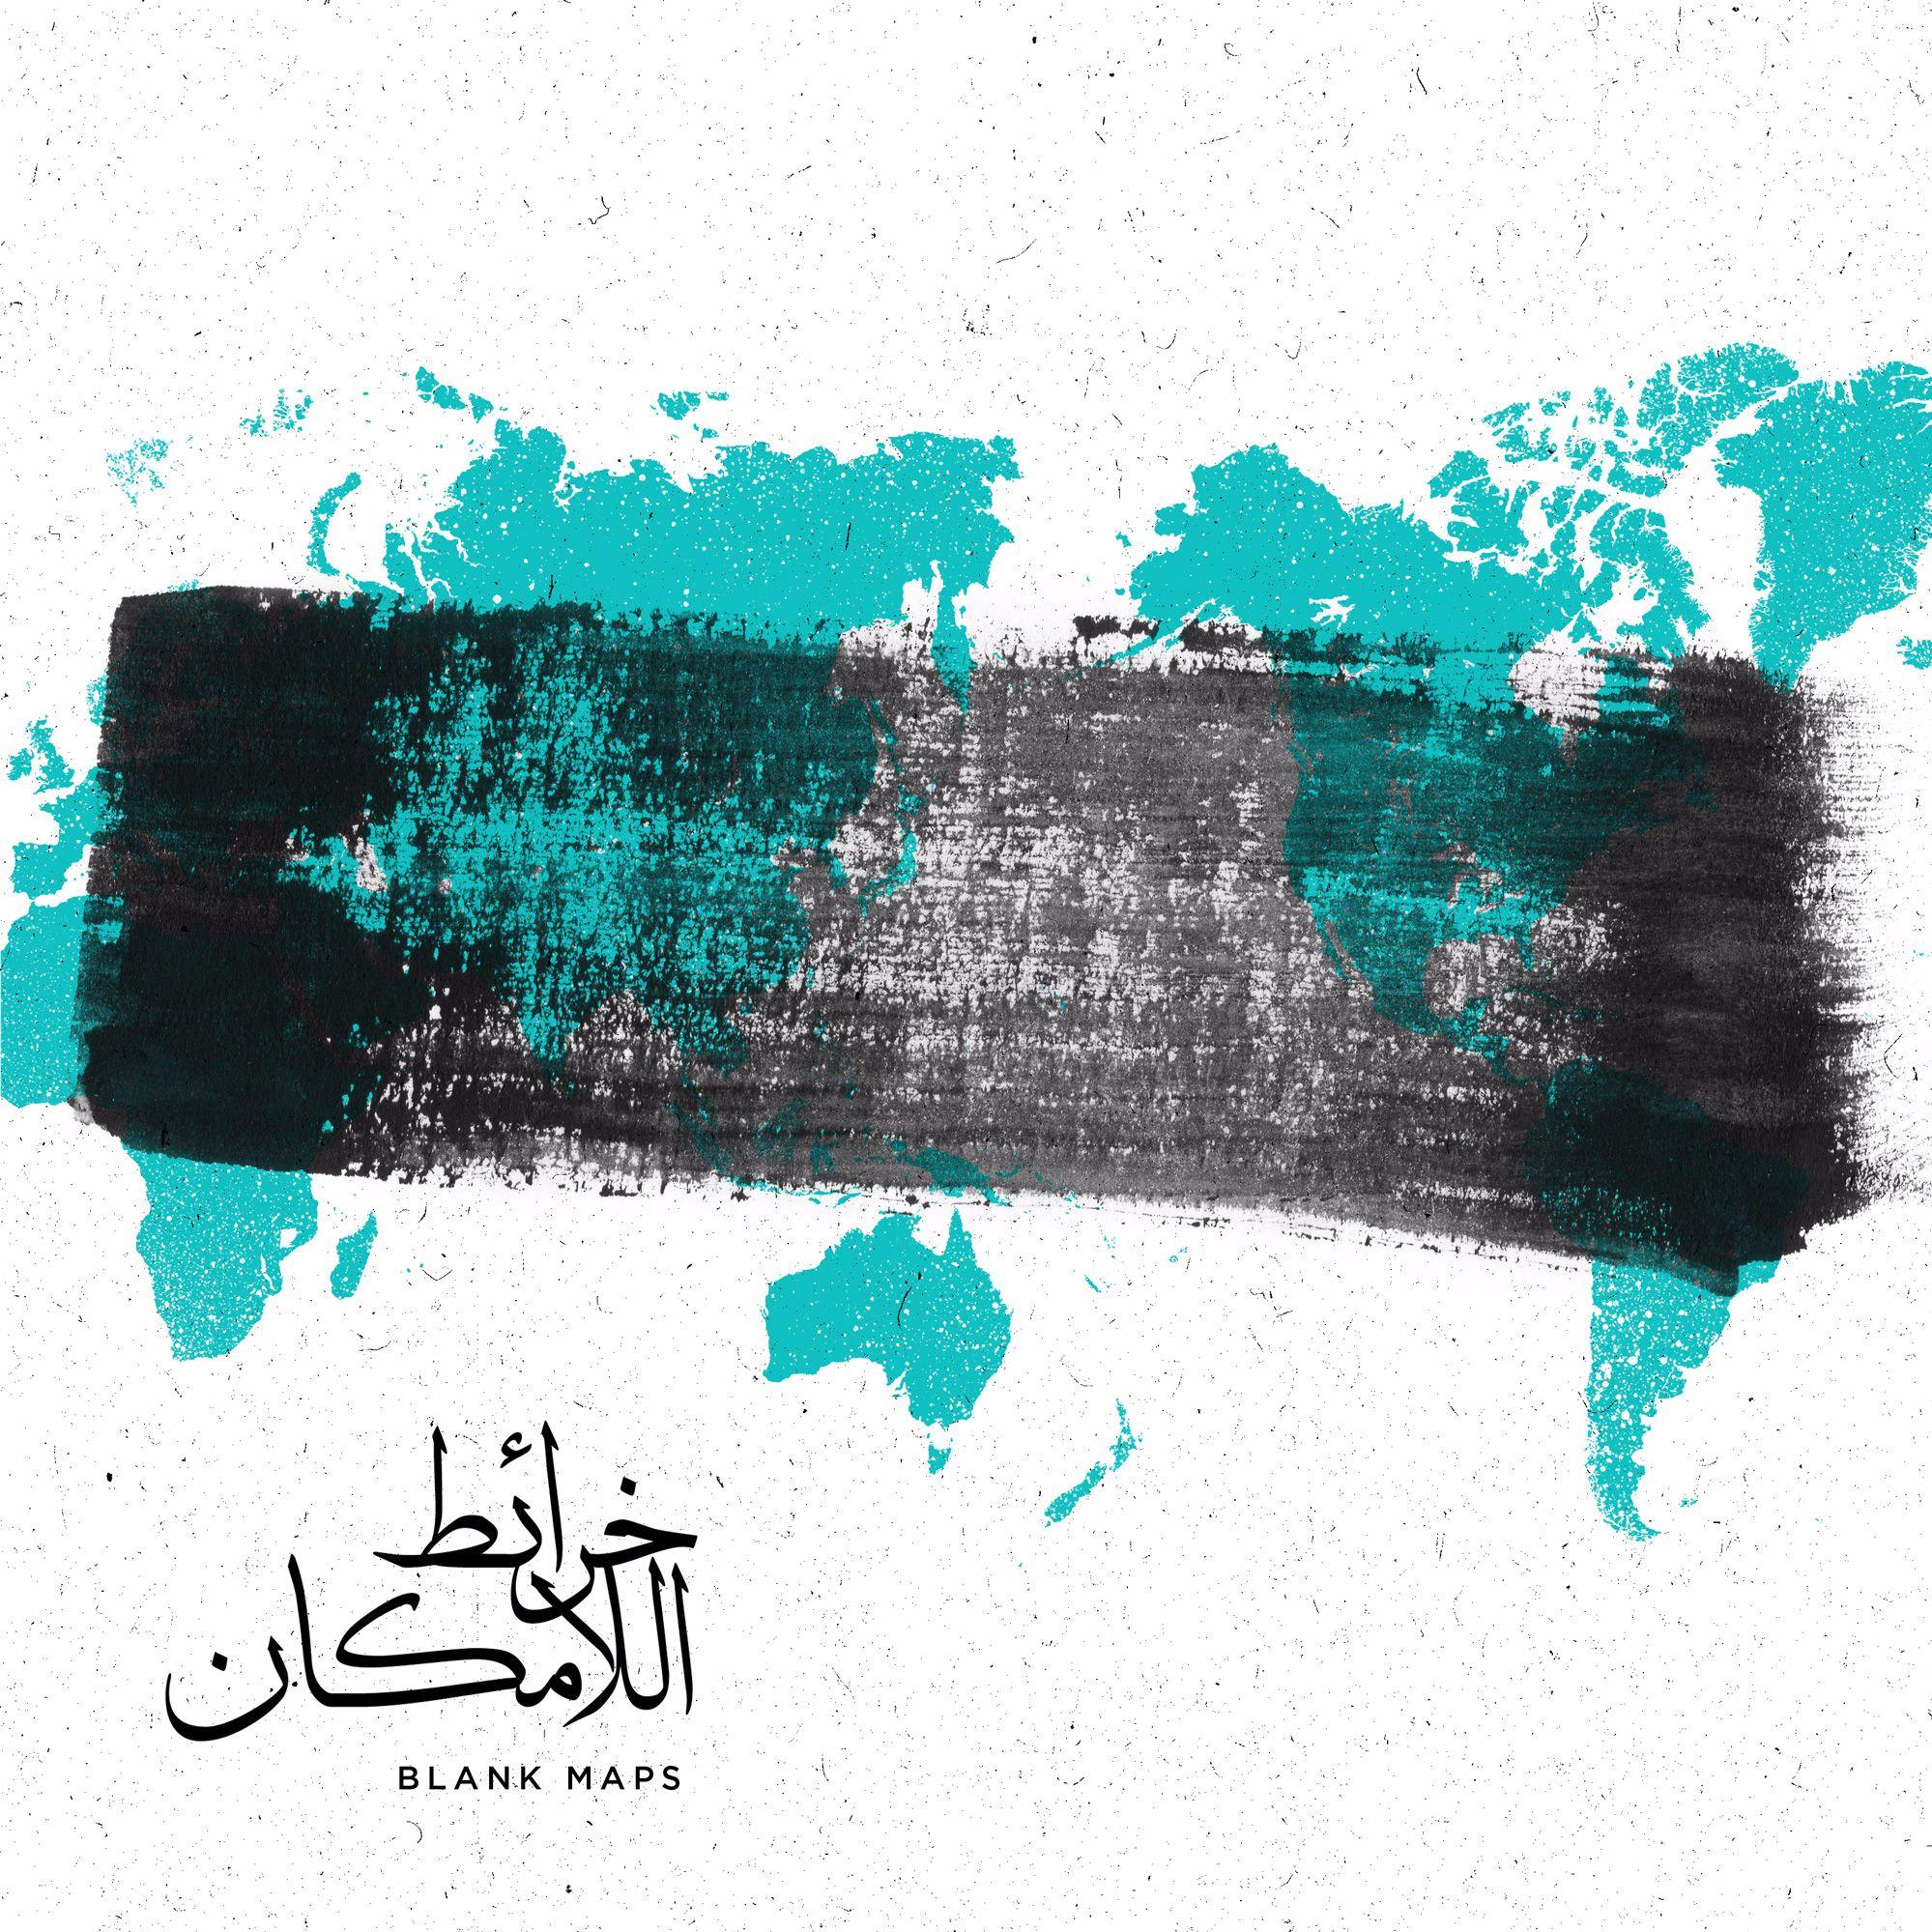 الحلقة السابعة: دينك أم جنسية أبنائك؟- صوت من لبنان